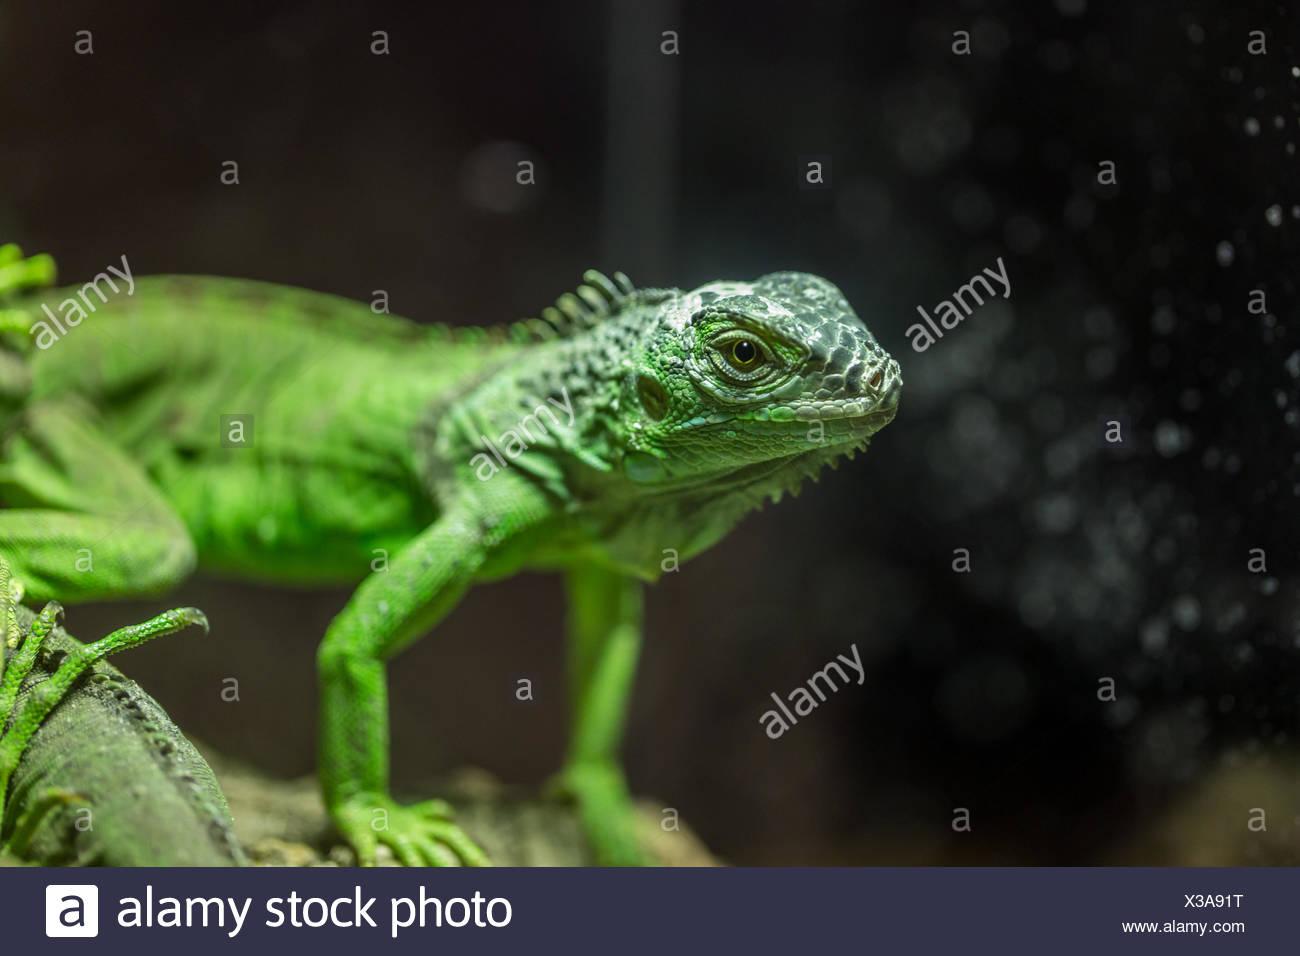 Small Lizard In Terrarium For Home Decor Stock Photo 277436484 Alamy